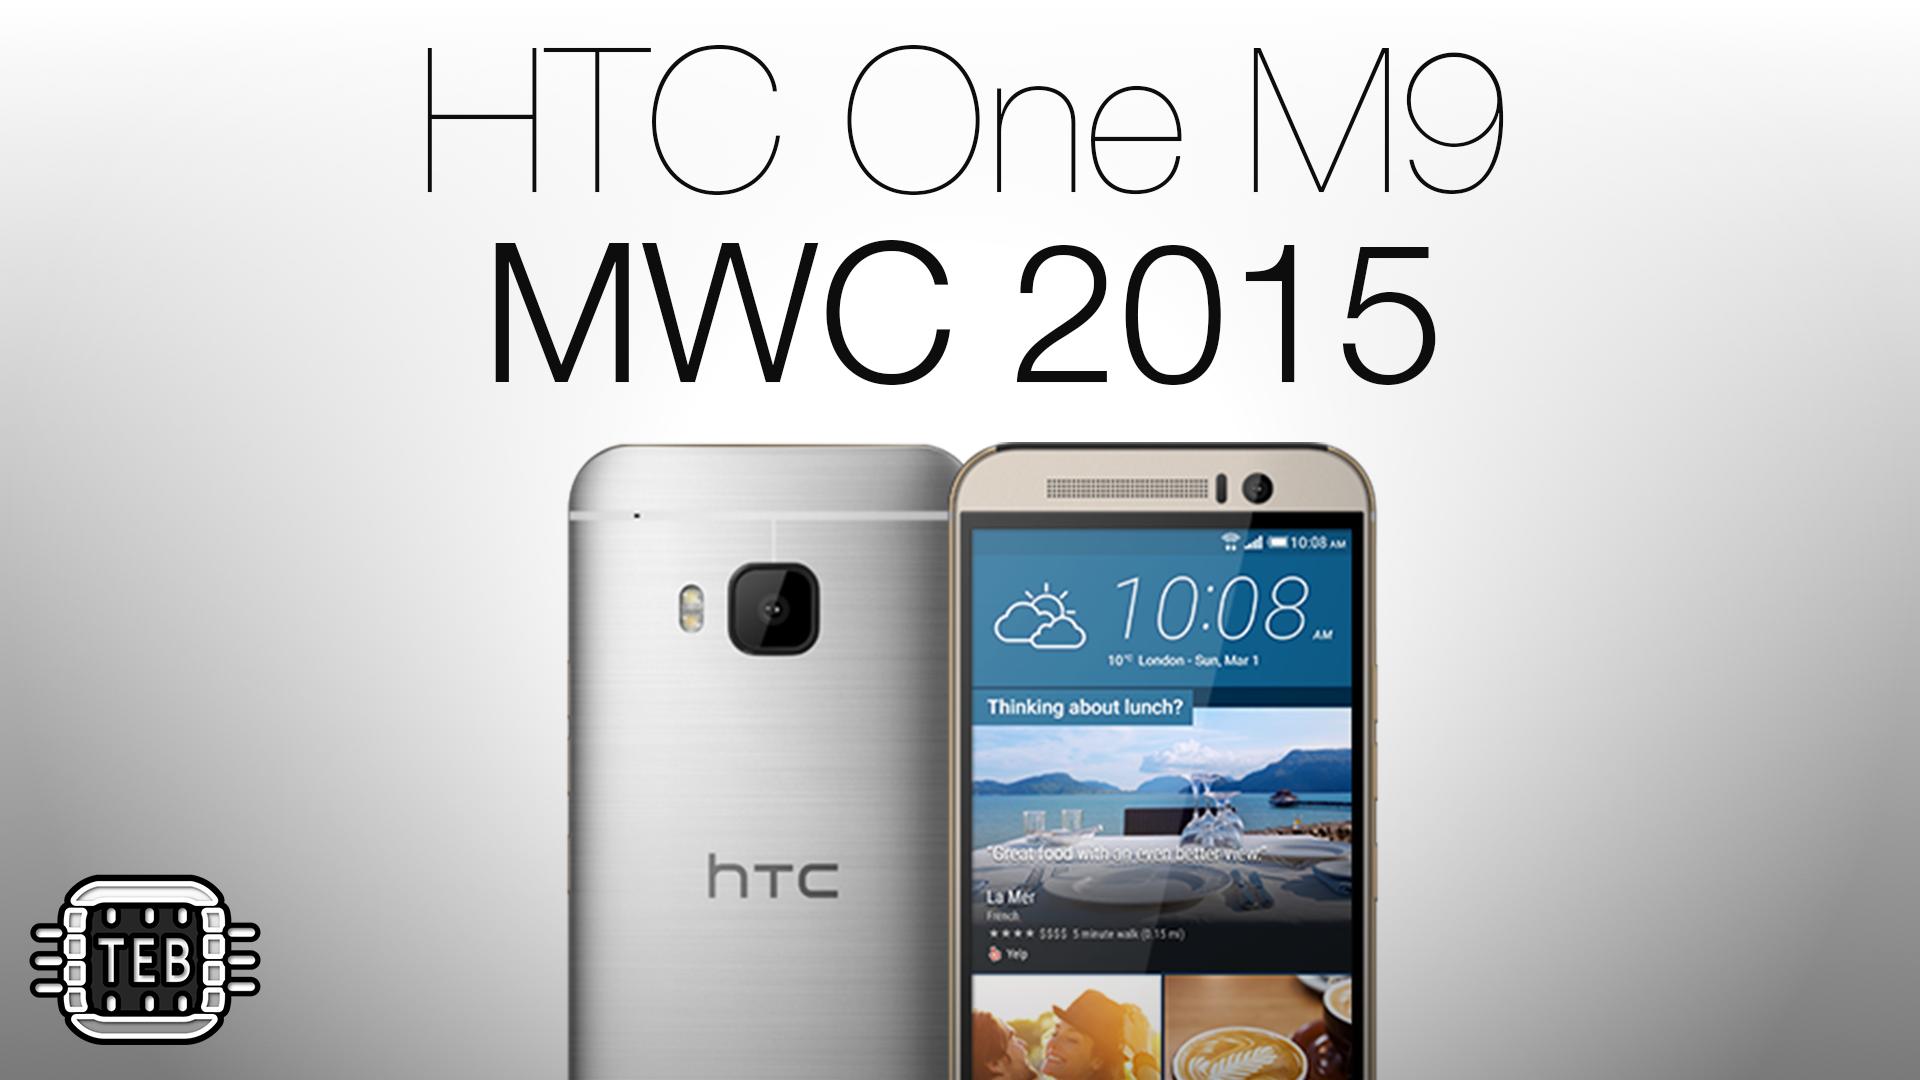 MWC 2015: ecco il nuovo HTC One M9 [FOTO + VIDEO]